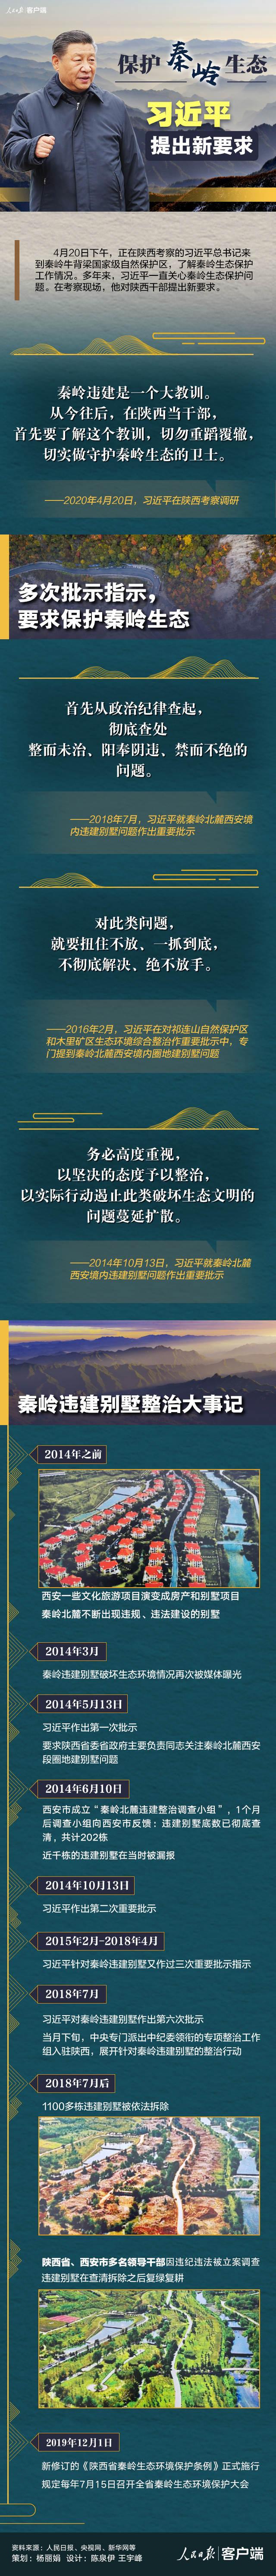 摩天娱乐:保护秦岭摩天娱乐生态习近平提出新图片